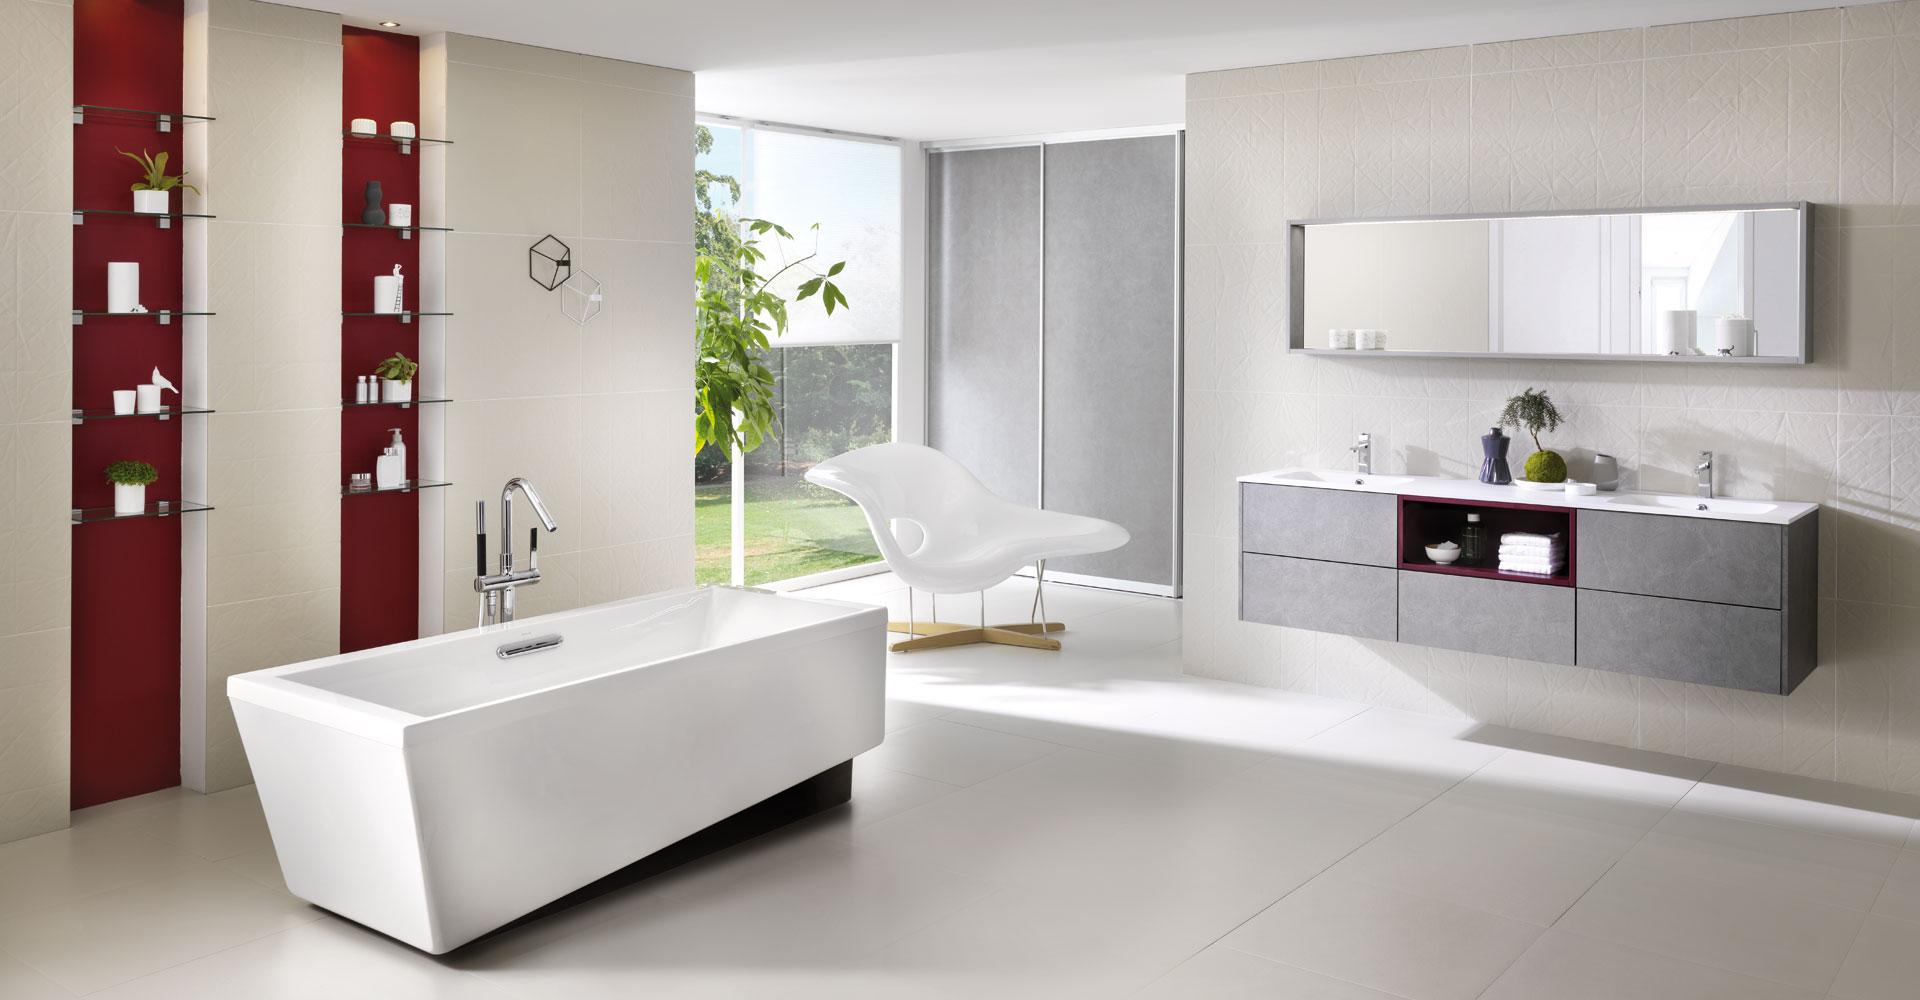 Vue d'ensemble de la salle de bain grise et blanche, avec la baignoire au premier plain et le placard à portes coulissantes en arrière plan.